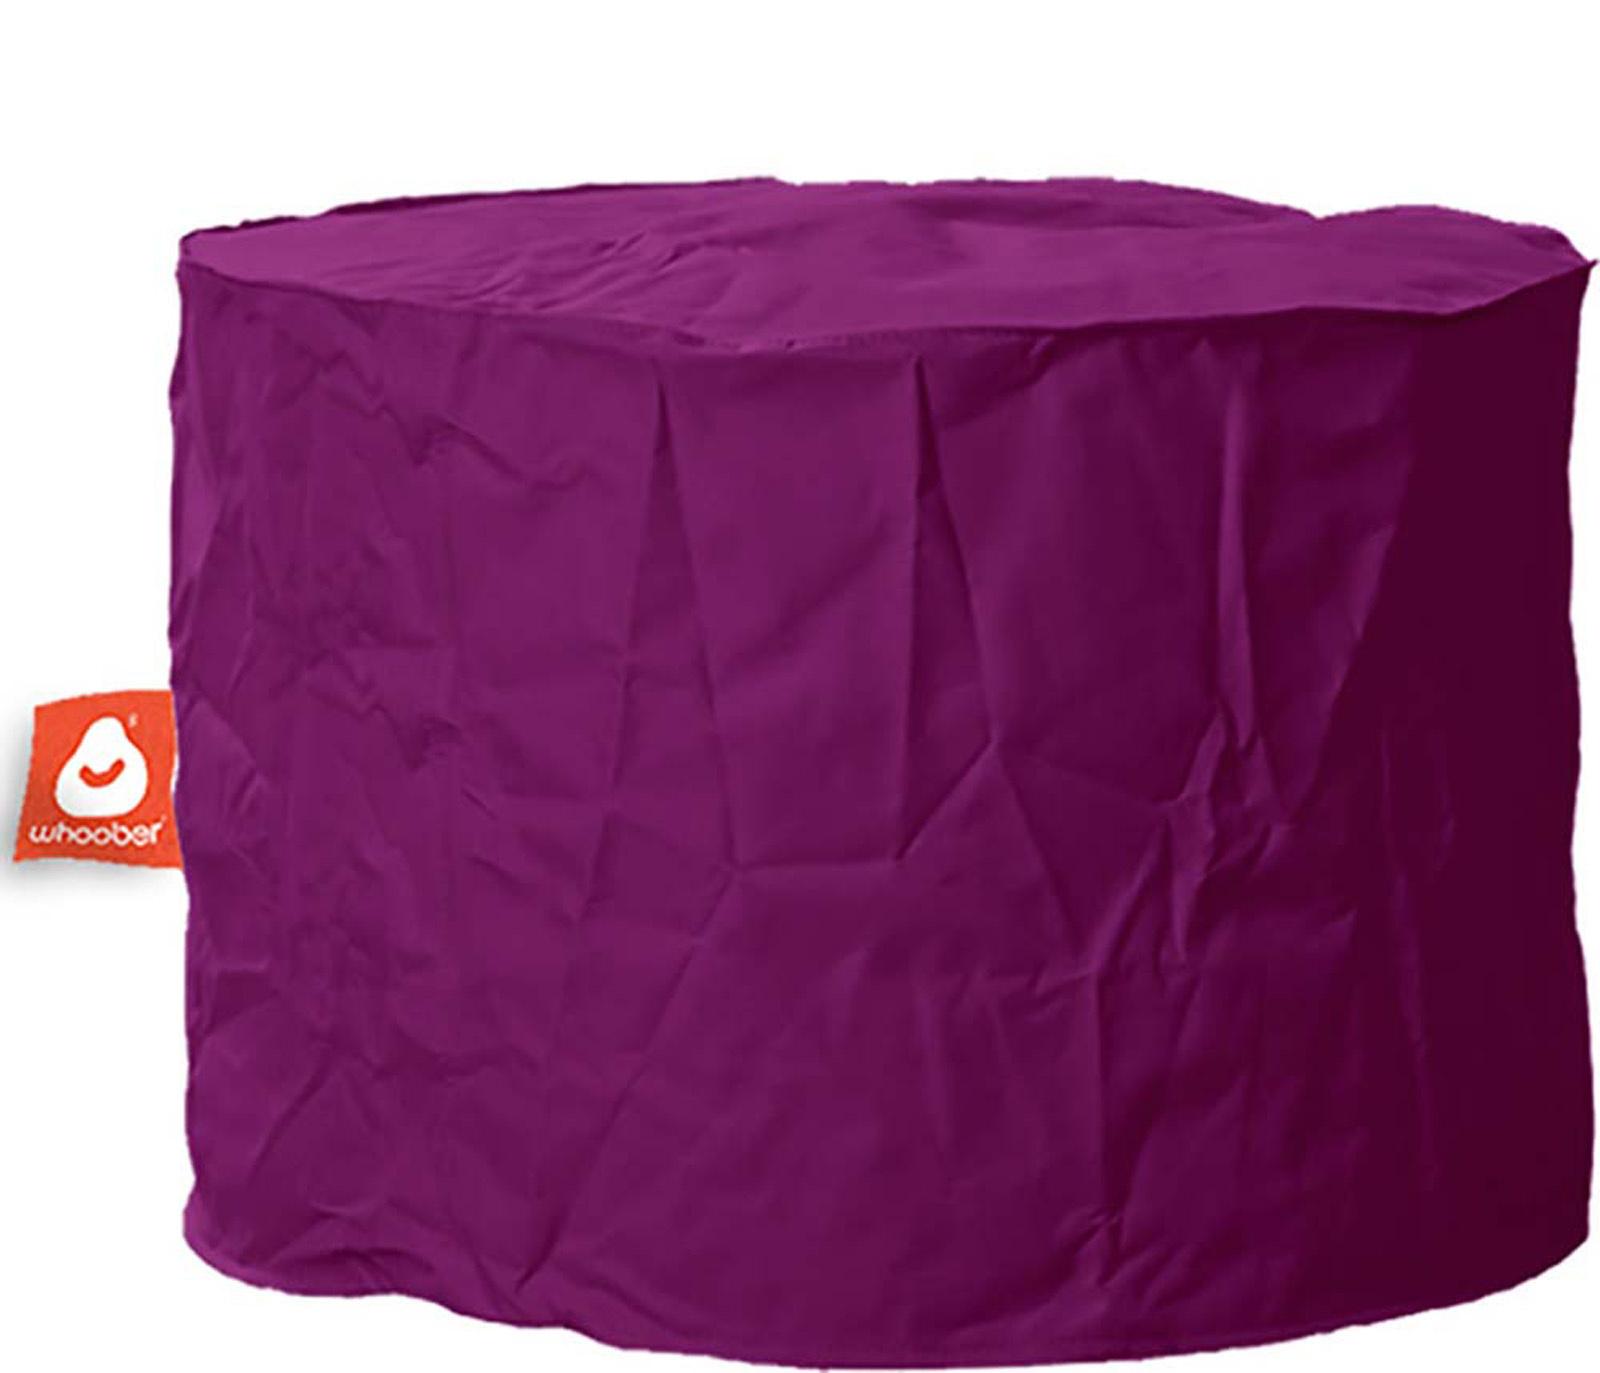 <h3>Comfortabele & multifunctionele paarse poef van Whoober-outdoor kwaliteit die in Nederland door Whoober wordt geproduceerd. Gratis verzending en binnen enkele werkdagen in huis!</h3><h2>Belangrijkste eigenschappen vande Rhodos</h2><ul><li>Ook voor de